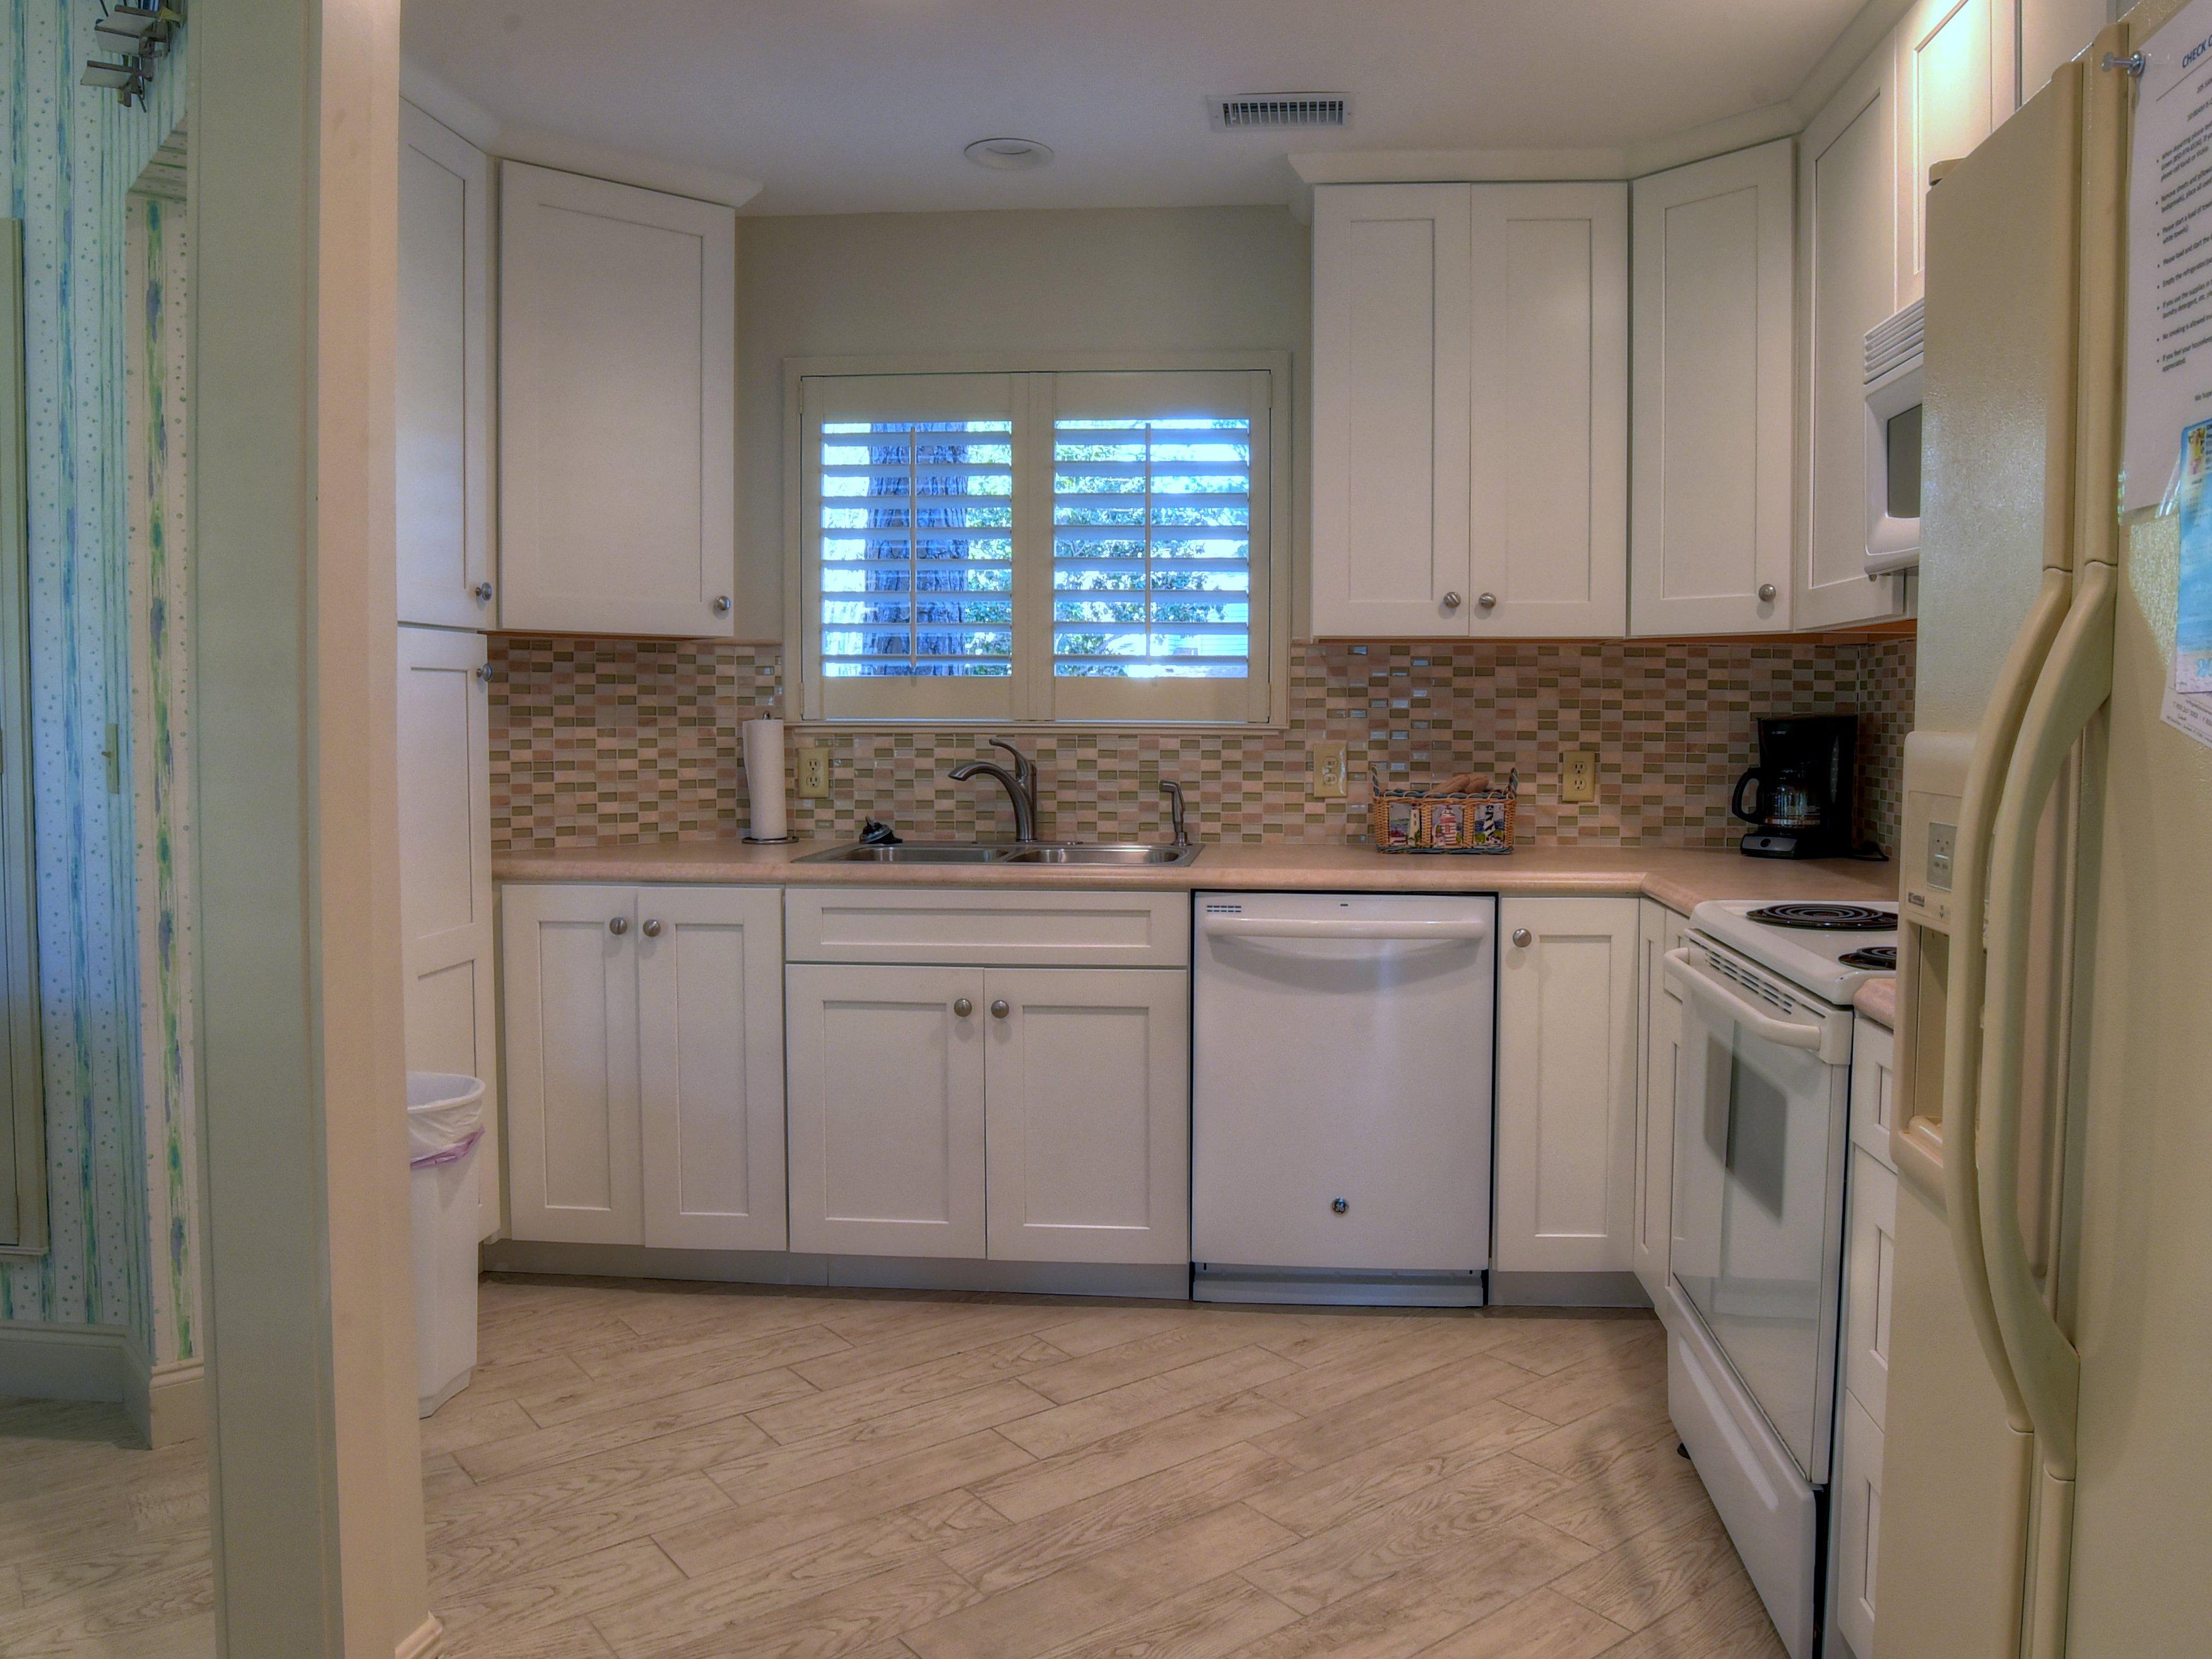 205 Fairways Condo rental in Sandestin Rentals ~ Cottages and Villas  in Destin Florida - #7